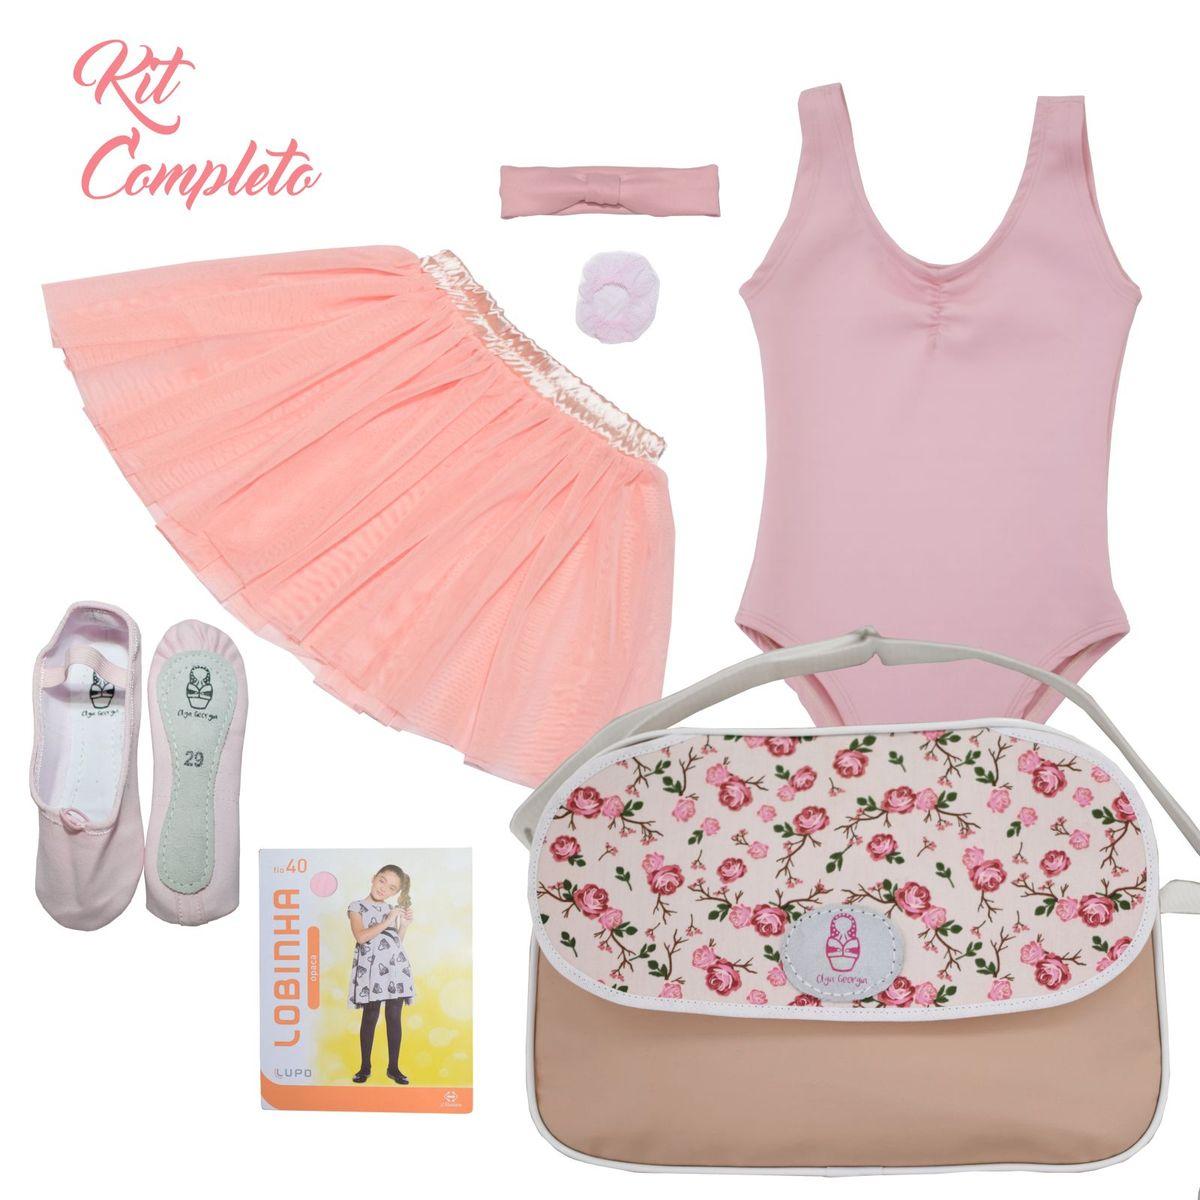 fdf8b1c05d Kit Completo Ballet Infantil Olga Georgia